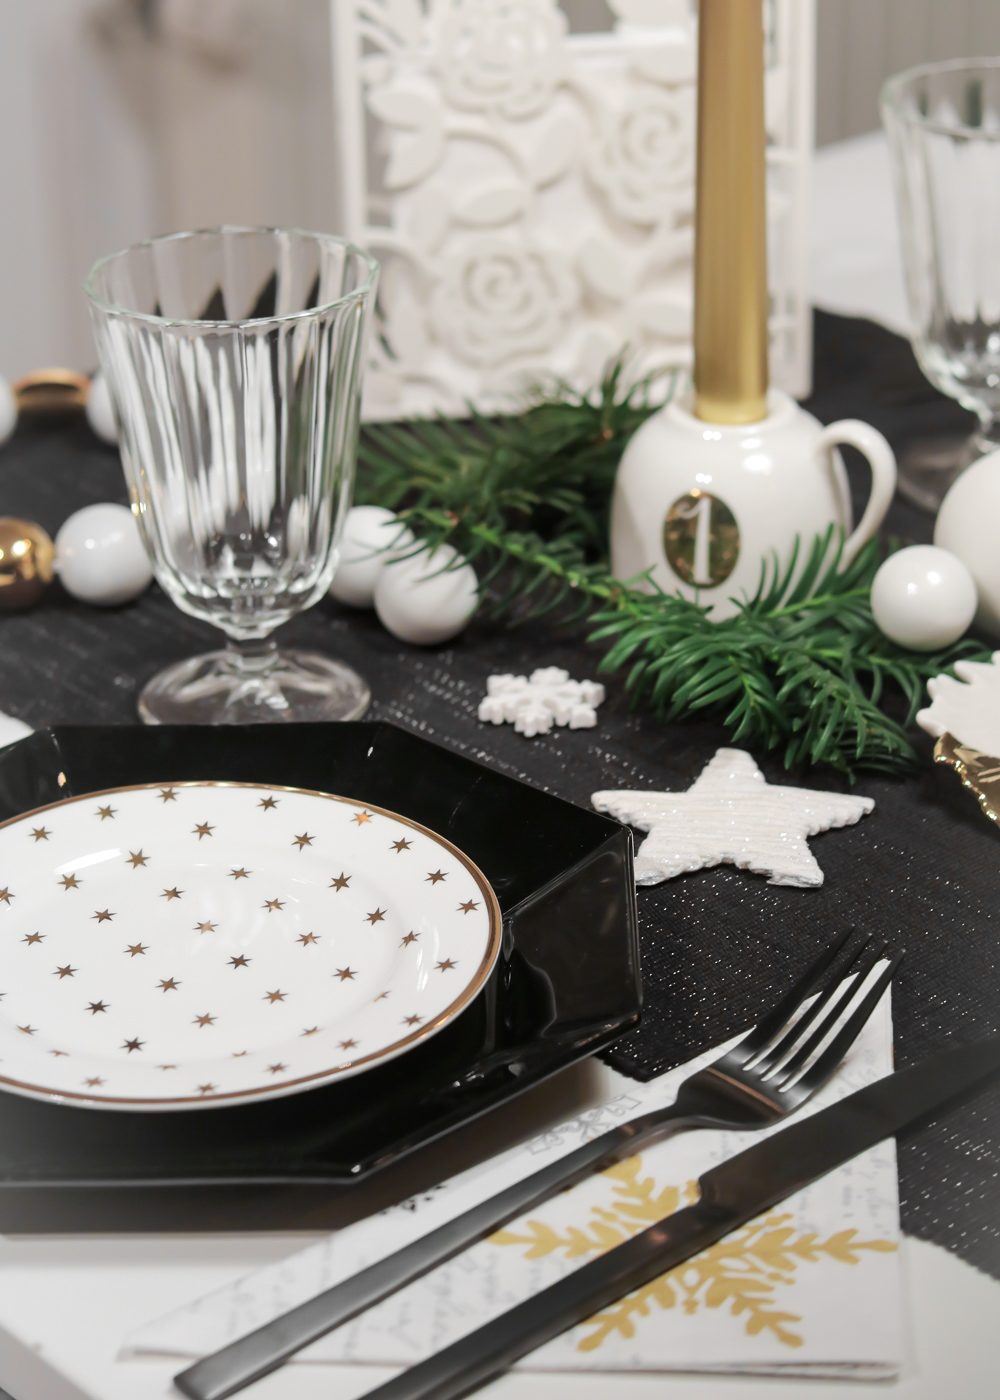 ediths-weihnachten-tischdekoration-advent-schwarzes-besteck-teller-gold-sterne-1